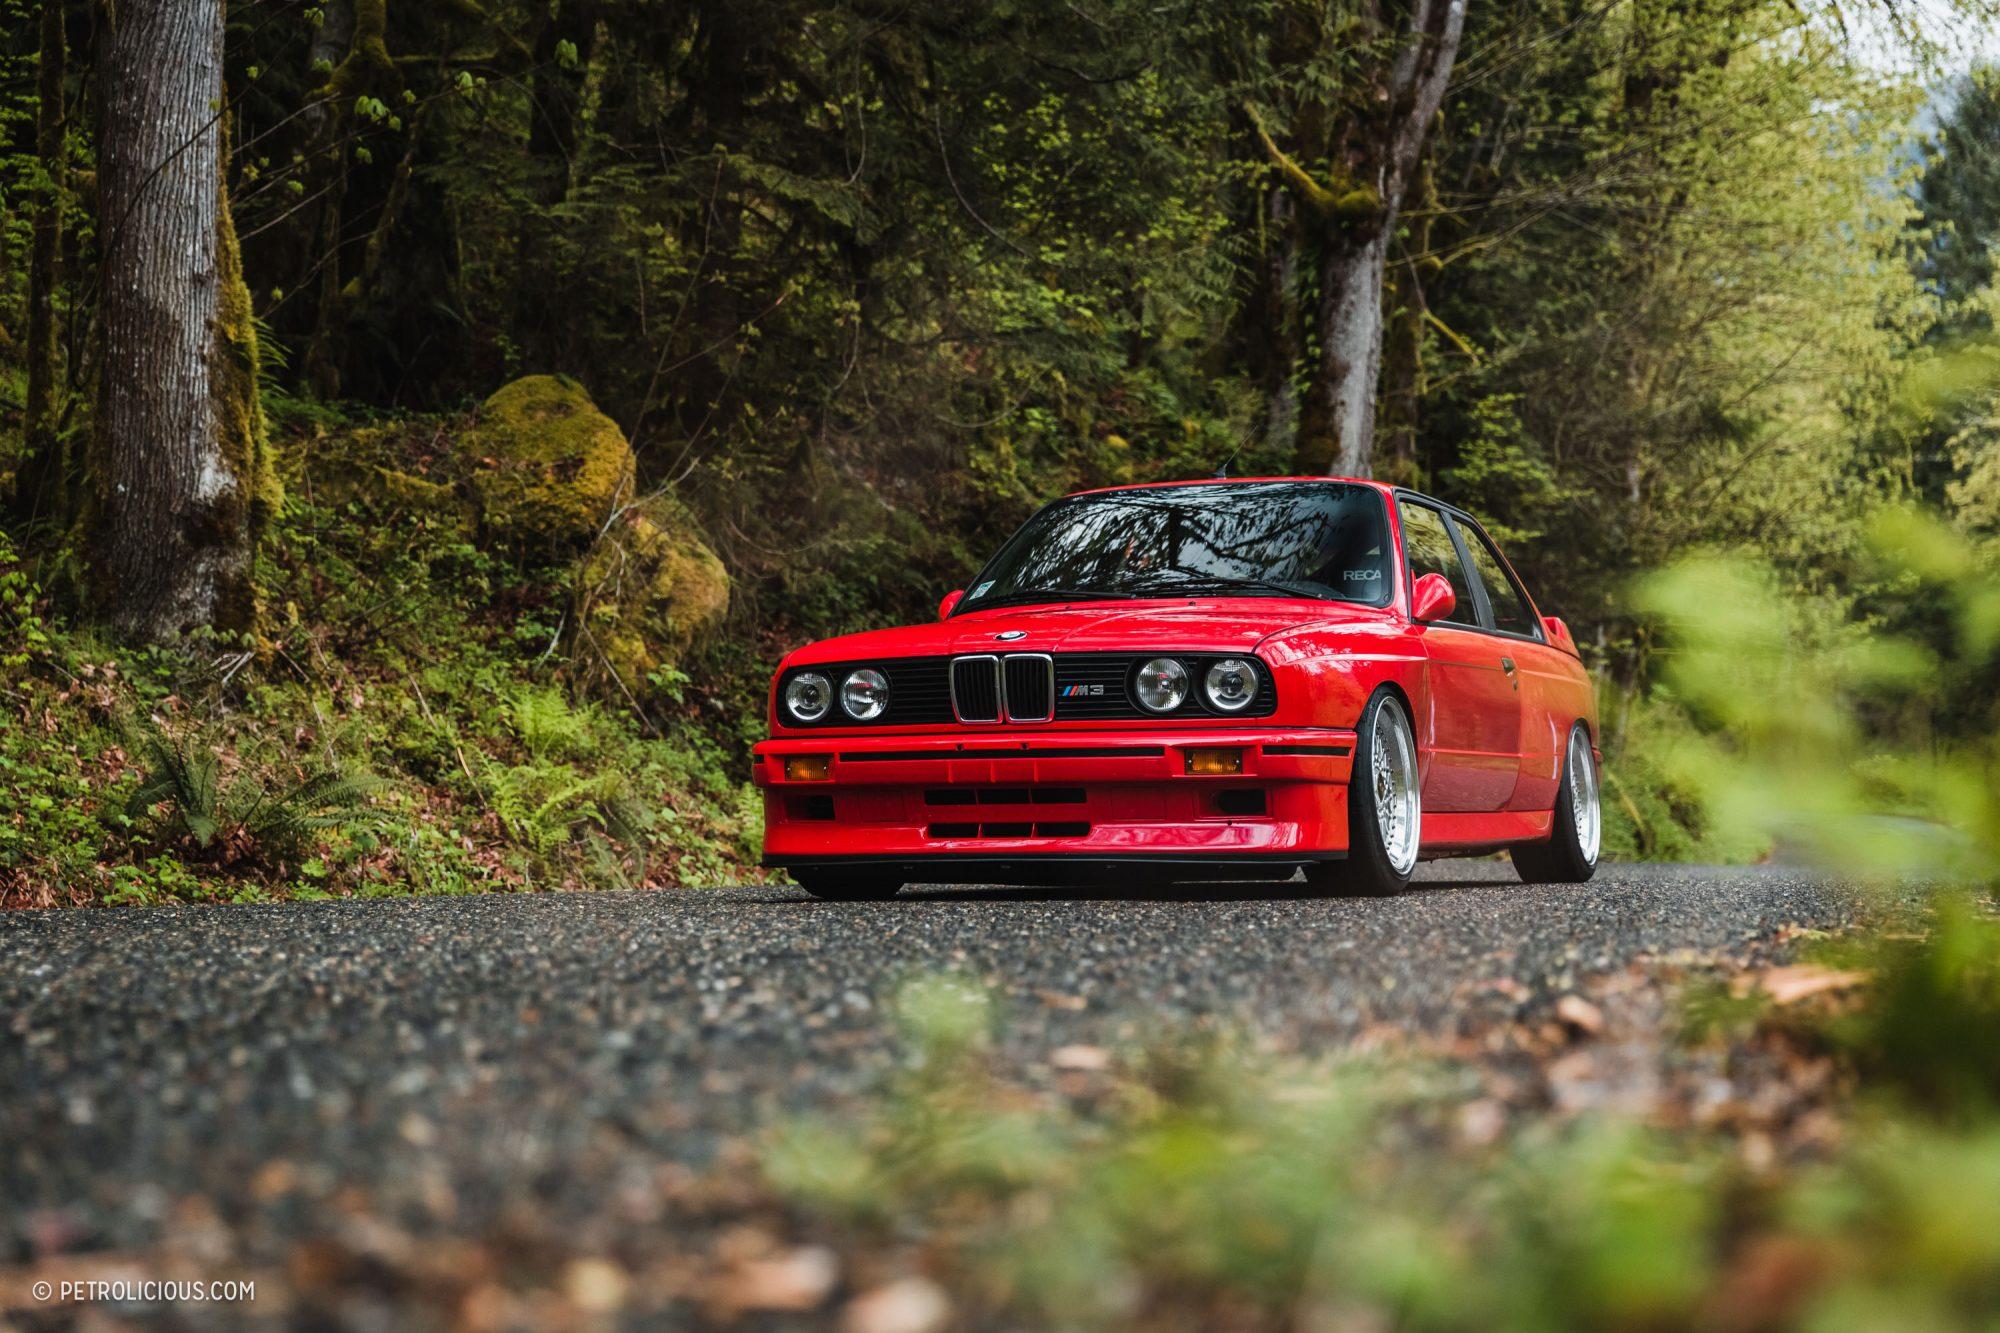 Daniel-Piker-John-Zubarek-Hennarot-BMW-E30-M3-1-2000x1333.jpg